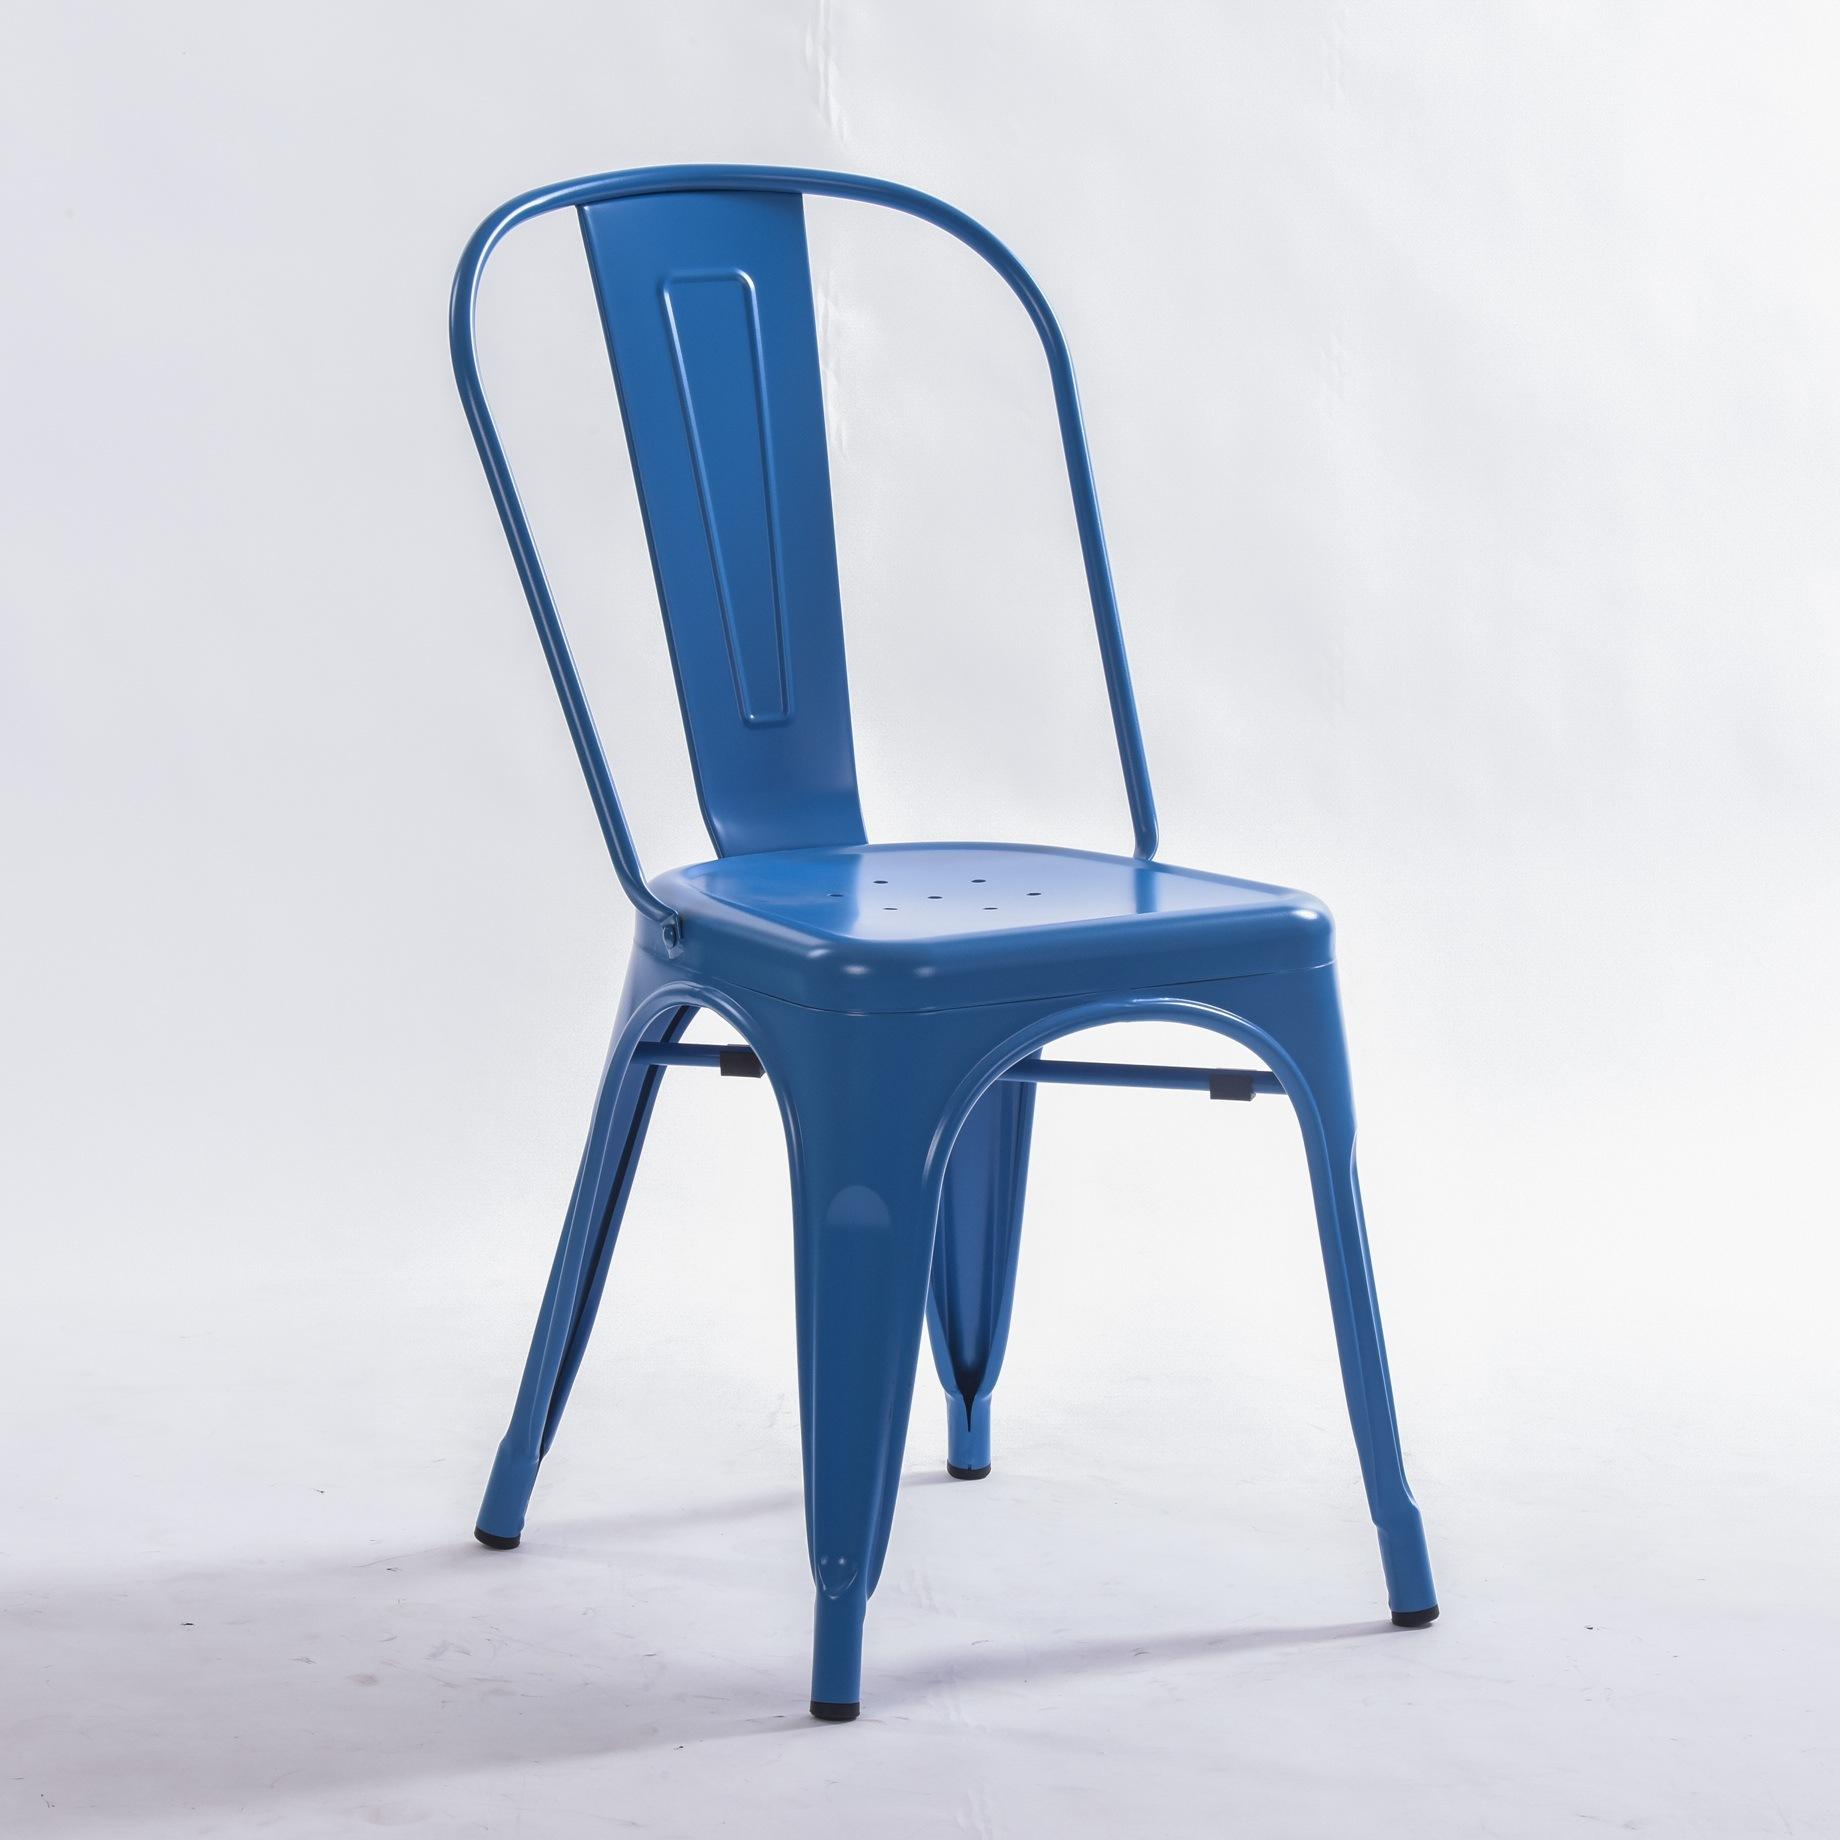 Hot Item Blu Metal Dining Indoor Outdoor Use Stackable Industrial Tolix Chair